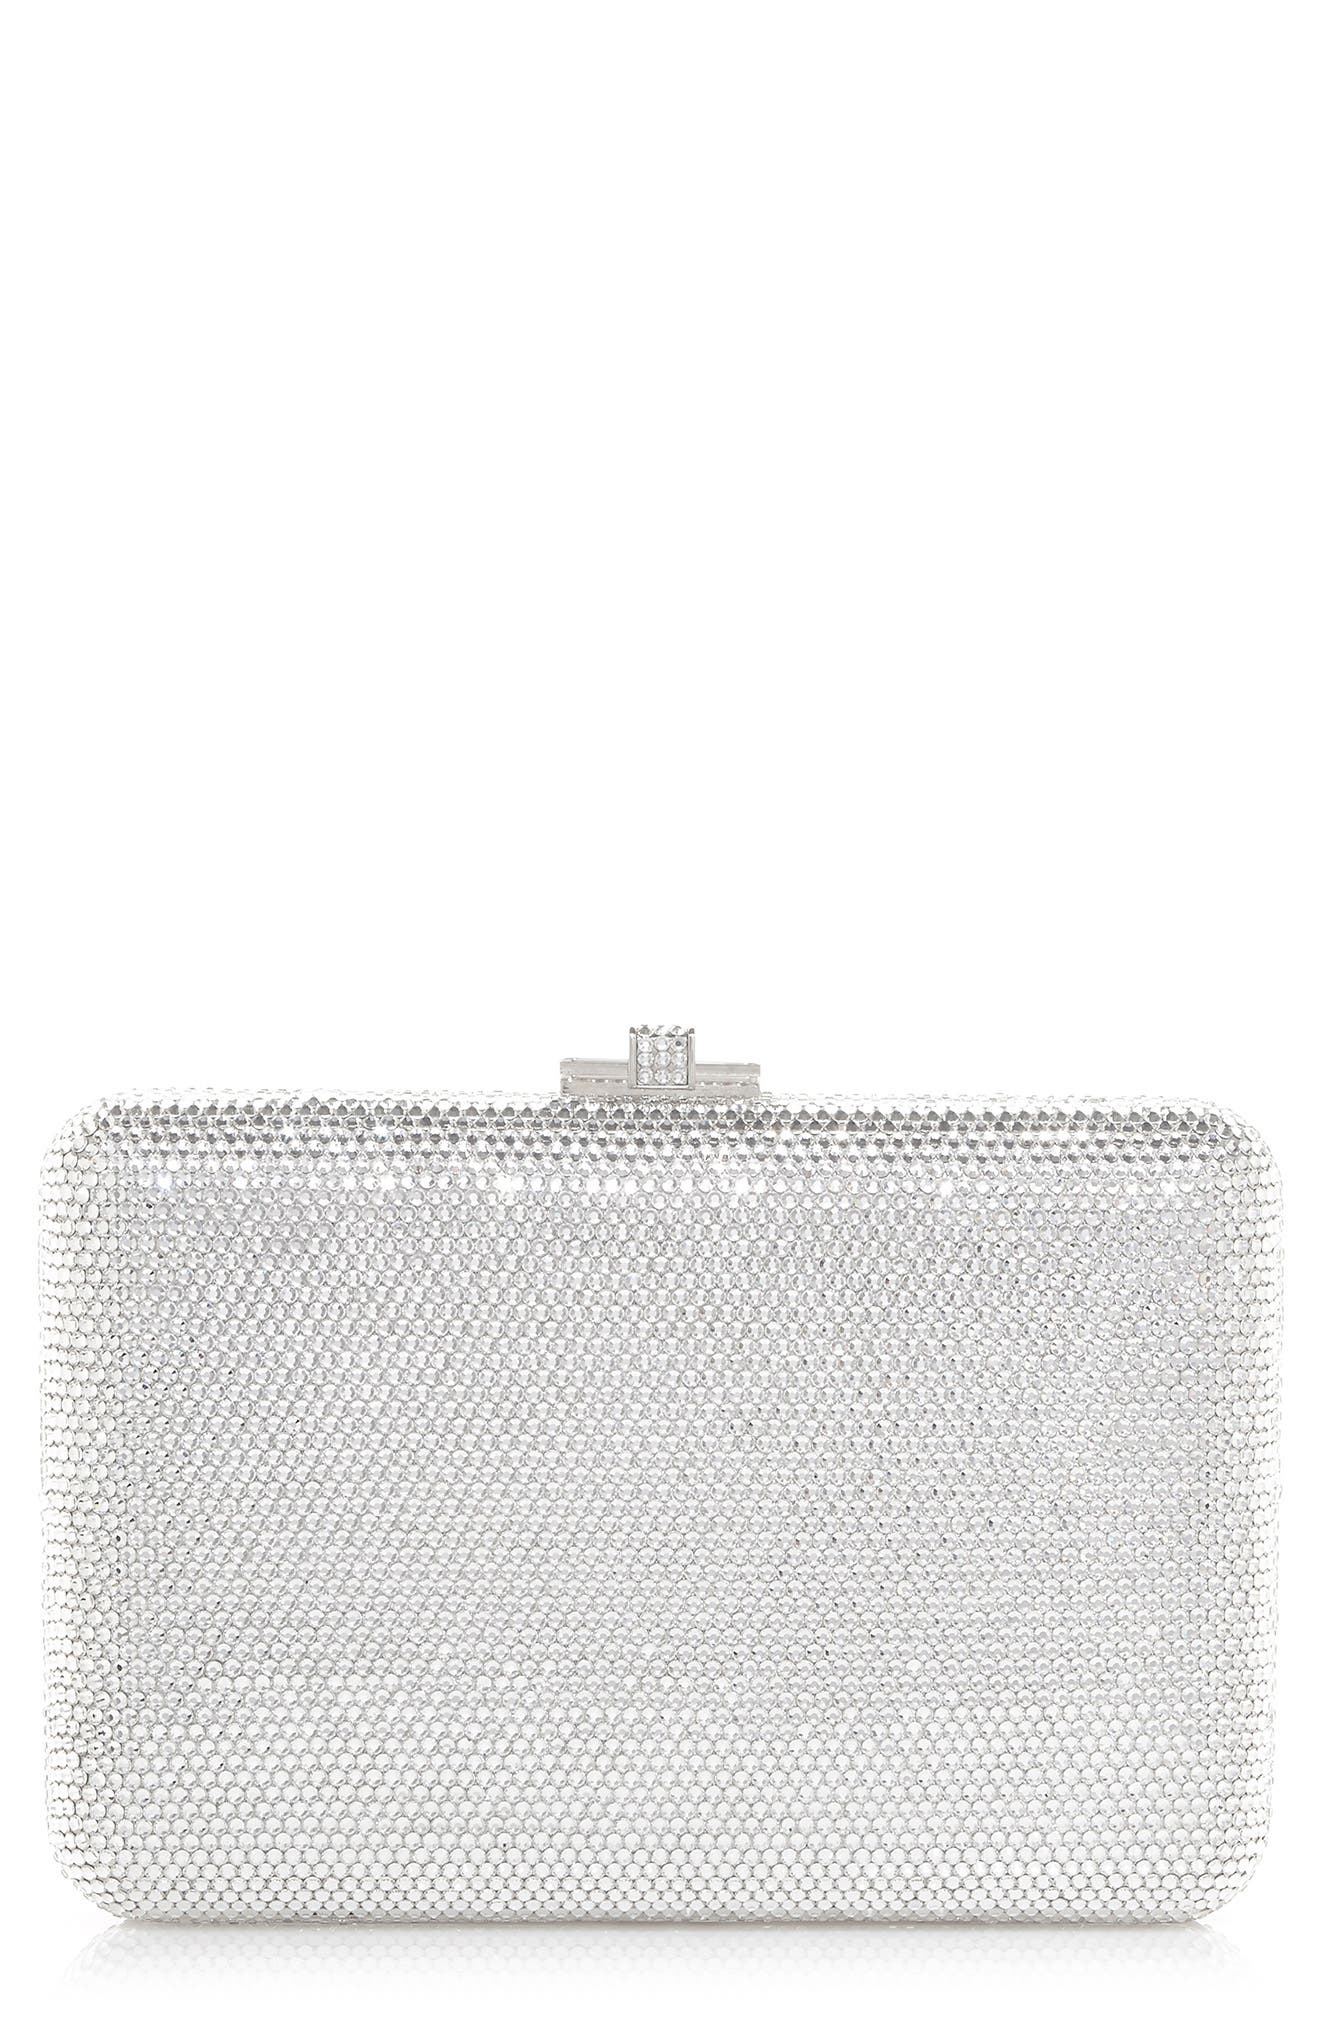 Couture Crystal Embellished Slim Frame Clutch